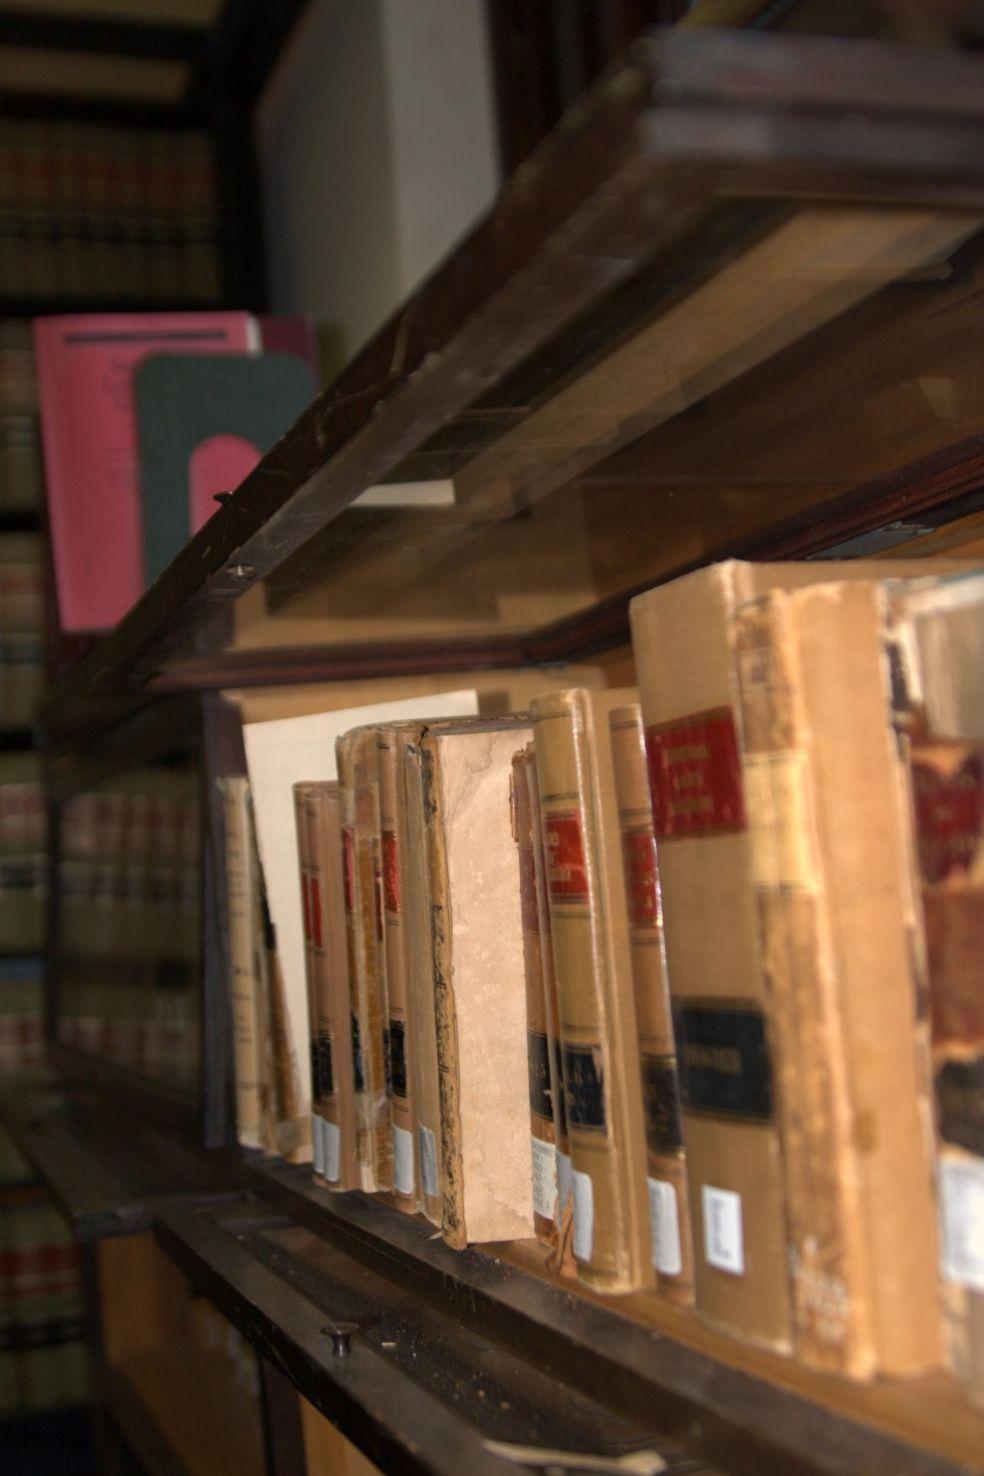 Старые книги в библиотечном архиве